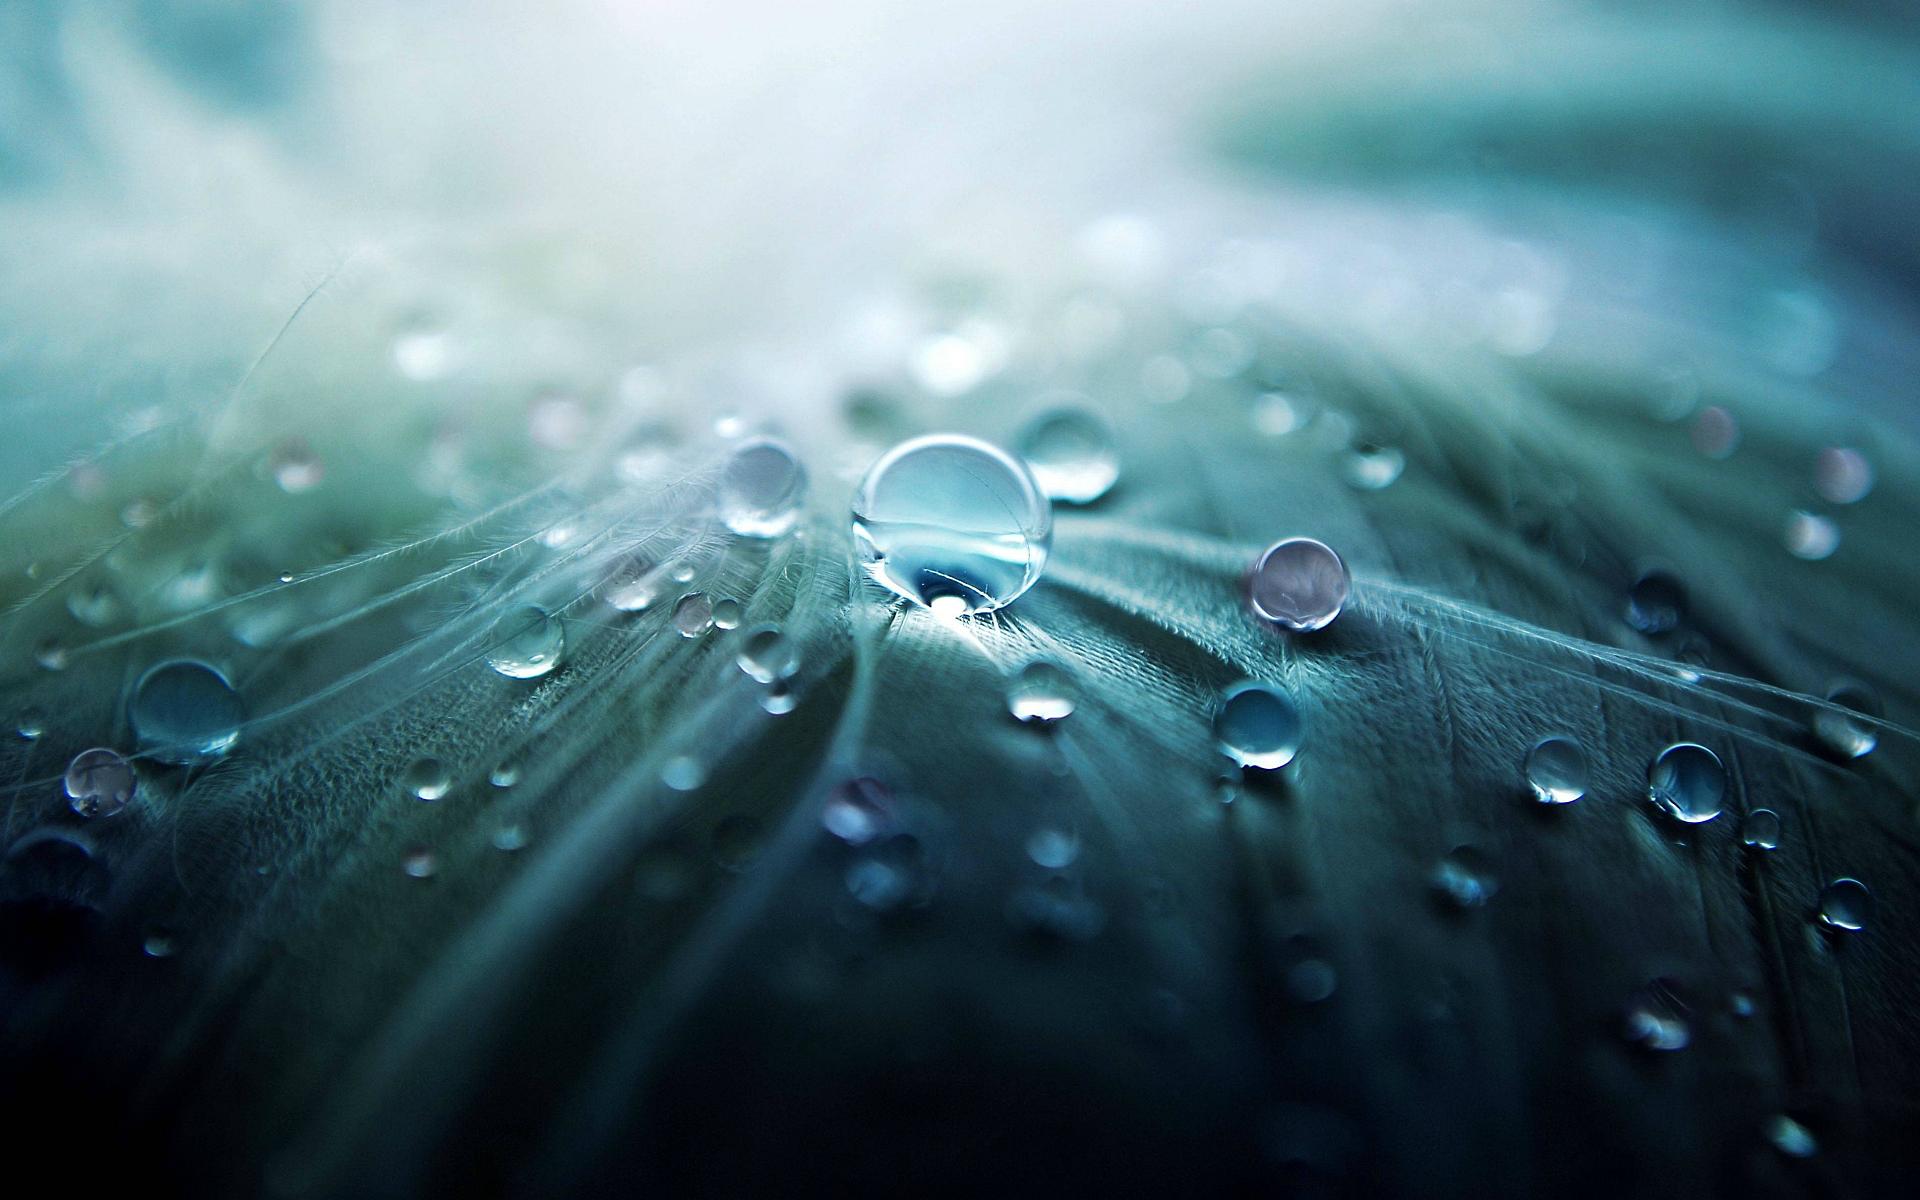 Leave water drops macro